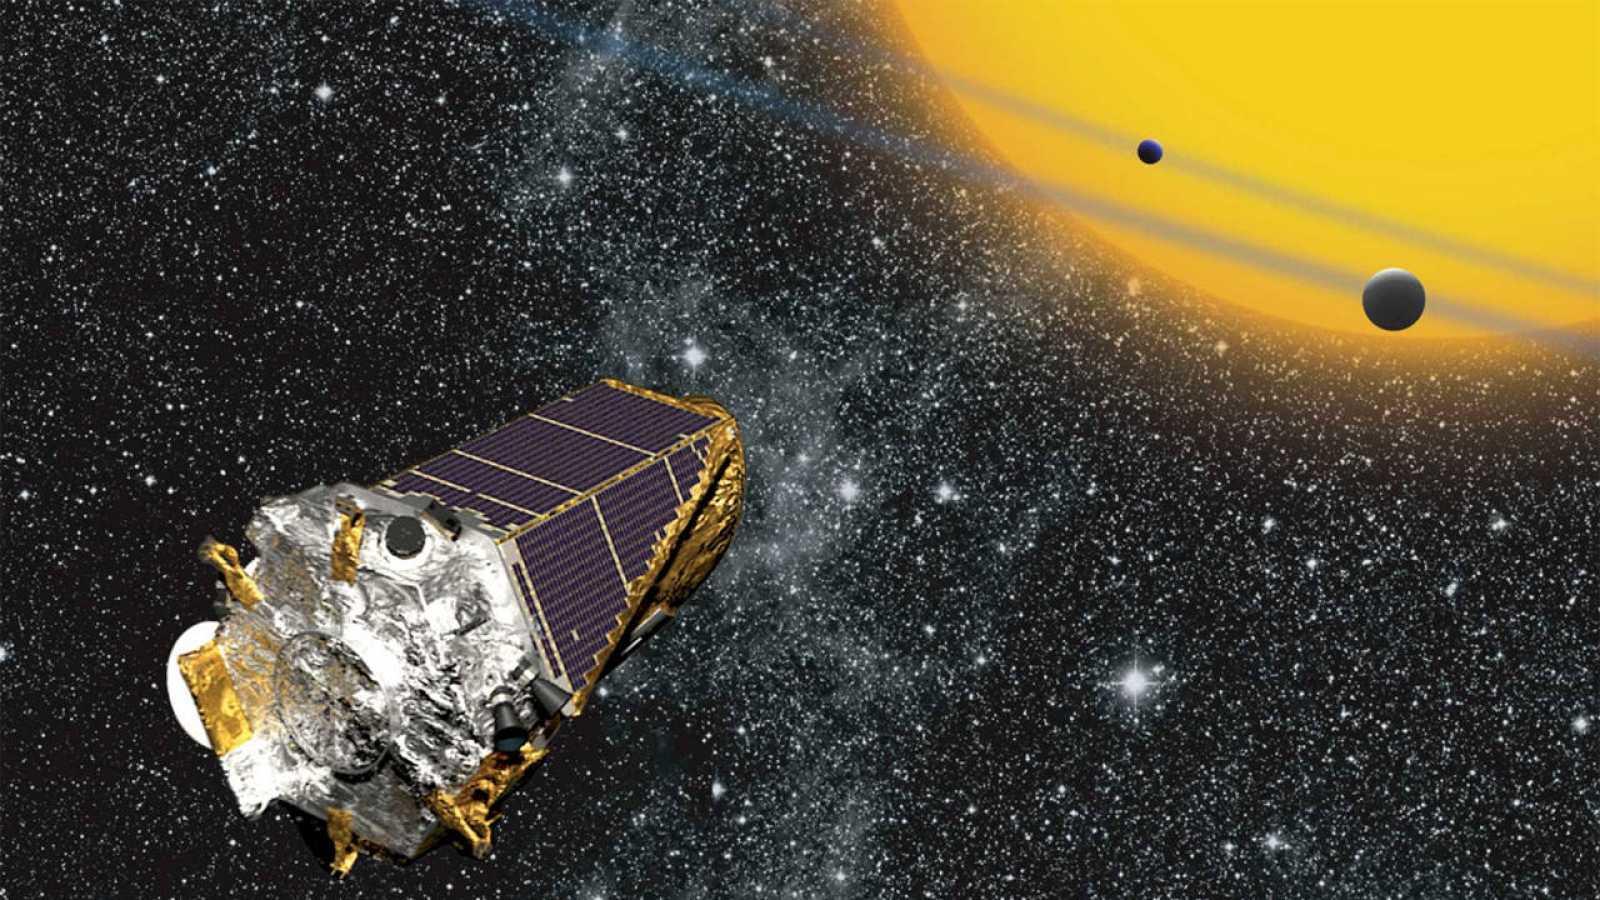 La nave espacial Kepler ha vuelto al trabajo dentro de la misión K2.